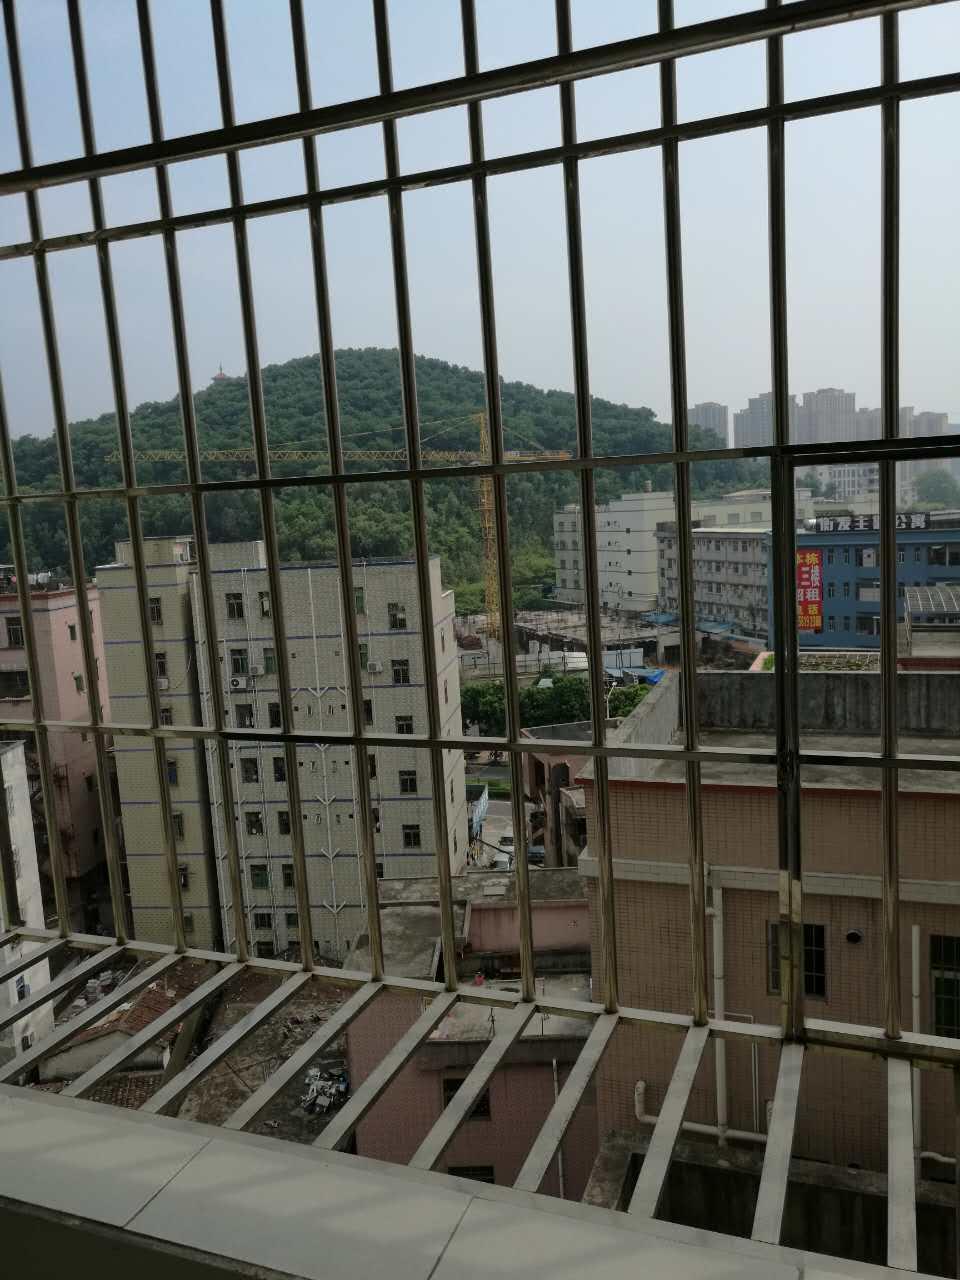 深圳小产权房单身公寓出售,公明上村全新装修 房地产 公寓 不动产 一房一厅 第12张